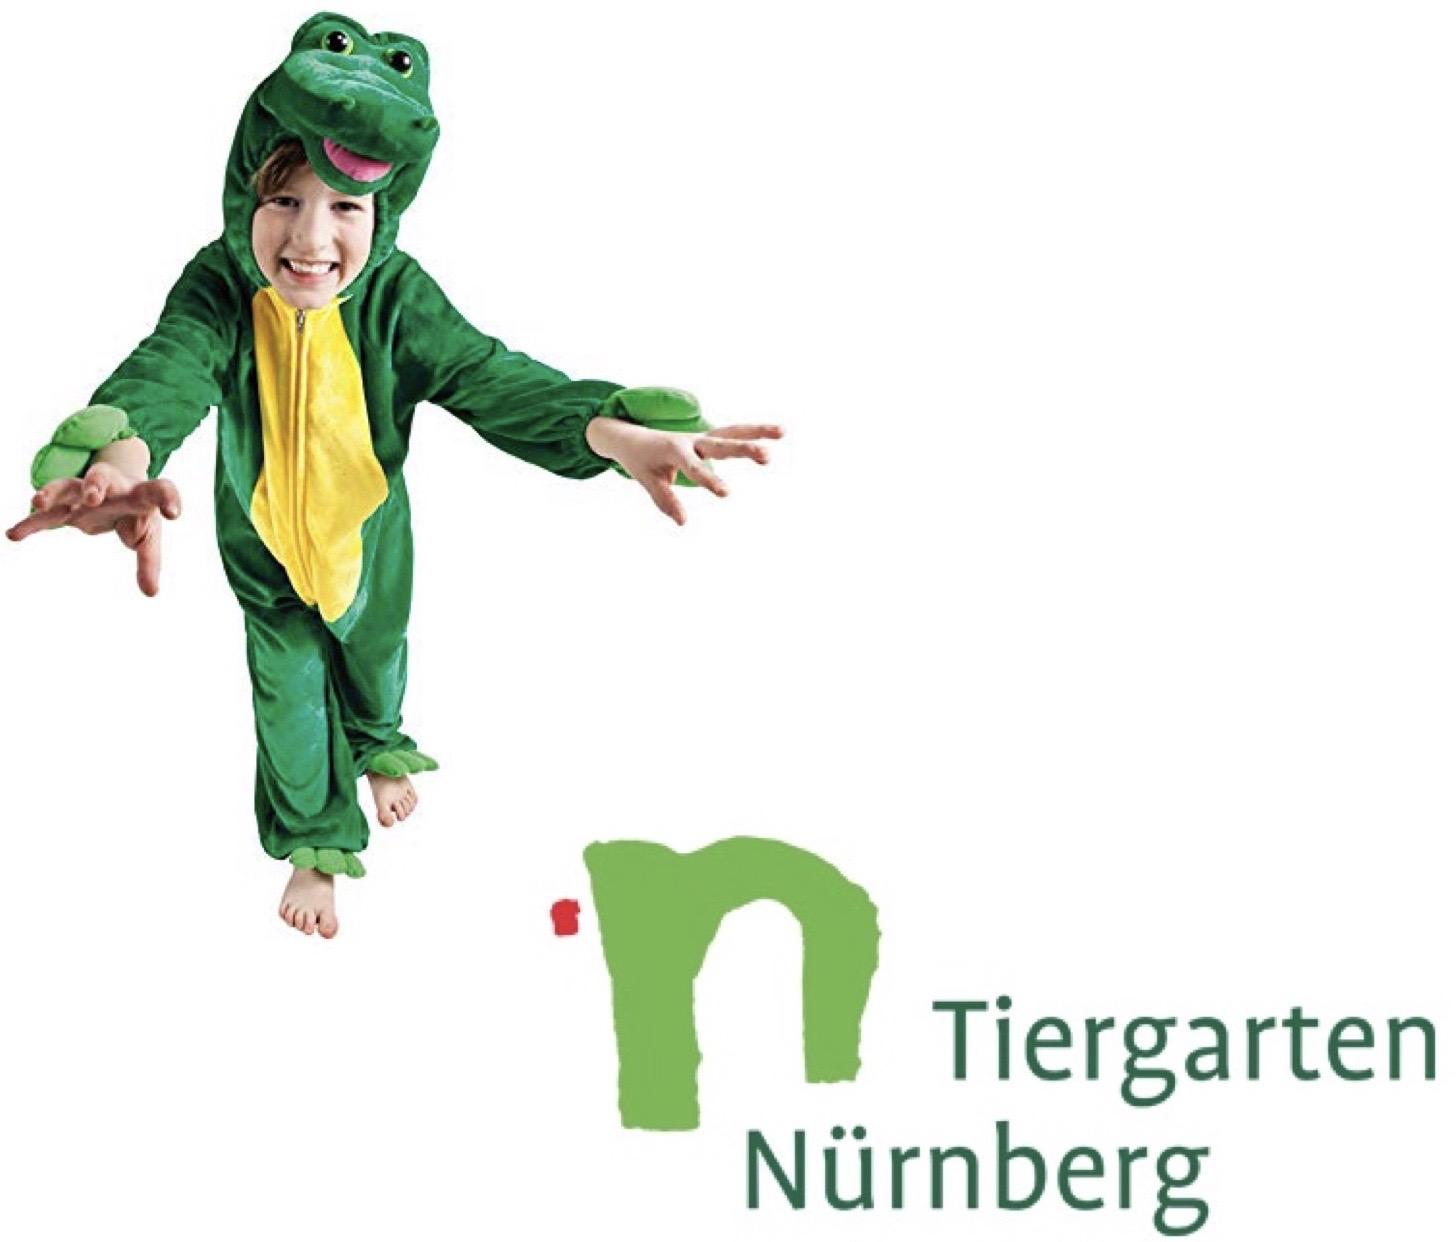 Tiergarten Nürnberg - 24.02. & 25.02. - Kostenloser Eintritt (statt € 7,70) für alle als Zootiere verkleideten Kinder bis einschl. 13 Jahren